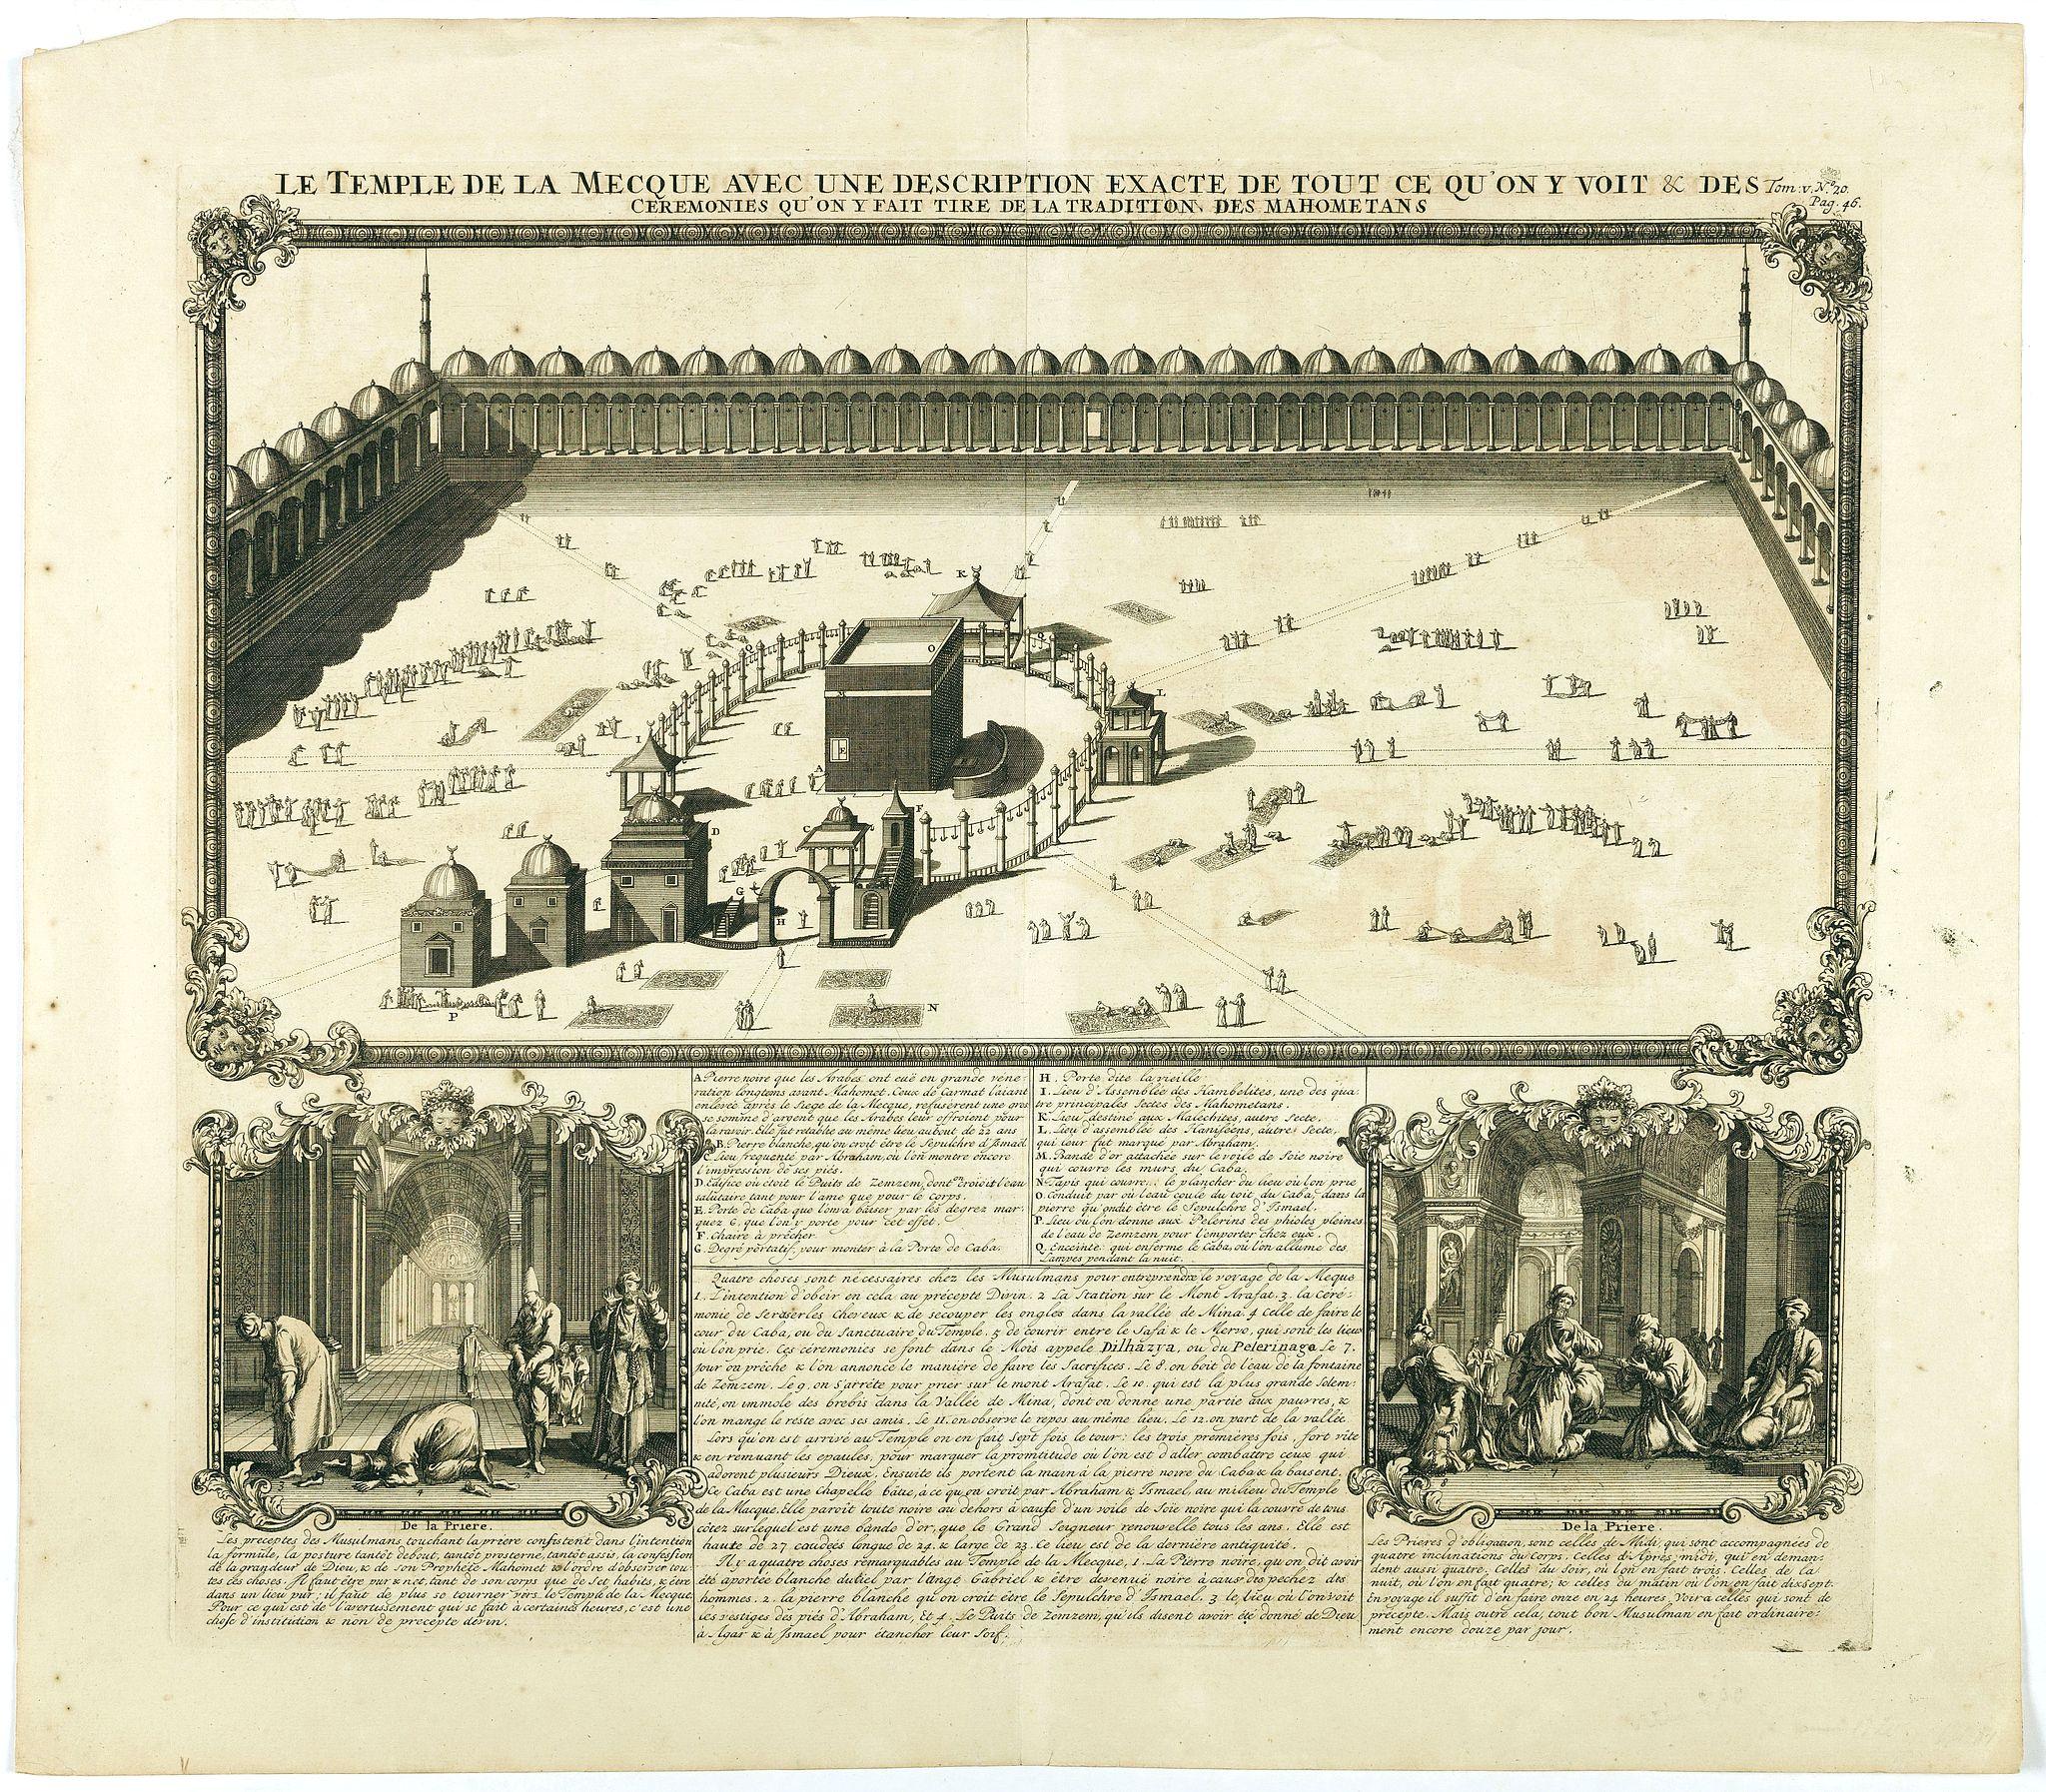 CHATELAIN, H. -  Le temple de la Mecque avec une description de tout ce qu'on y voit . . .